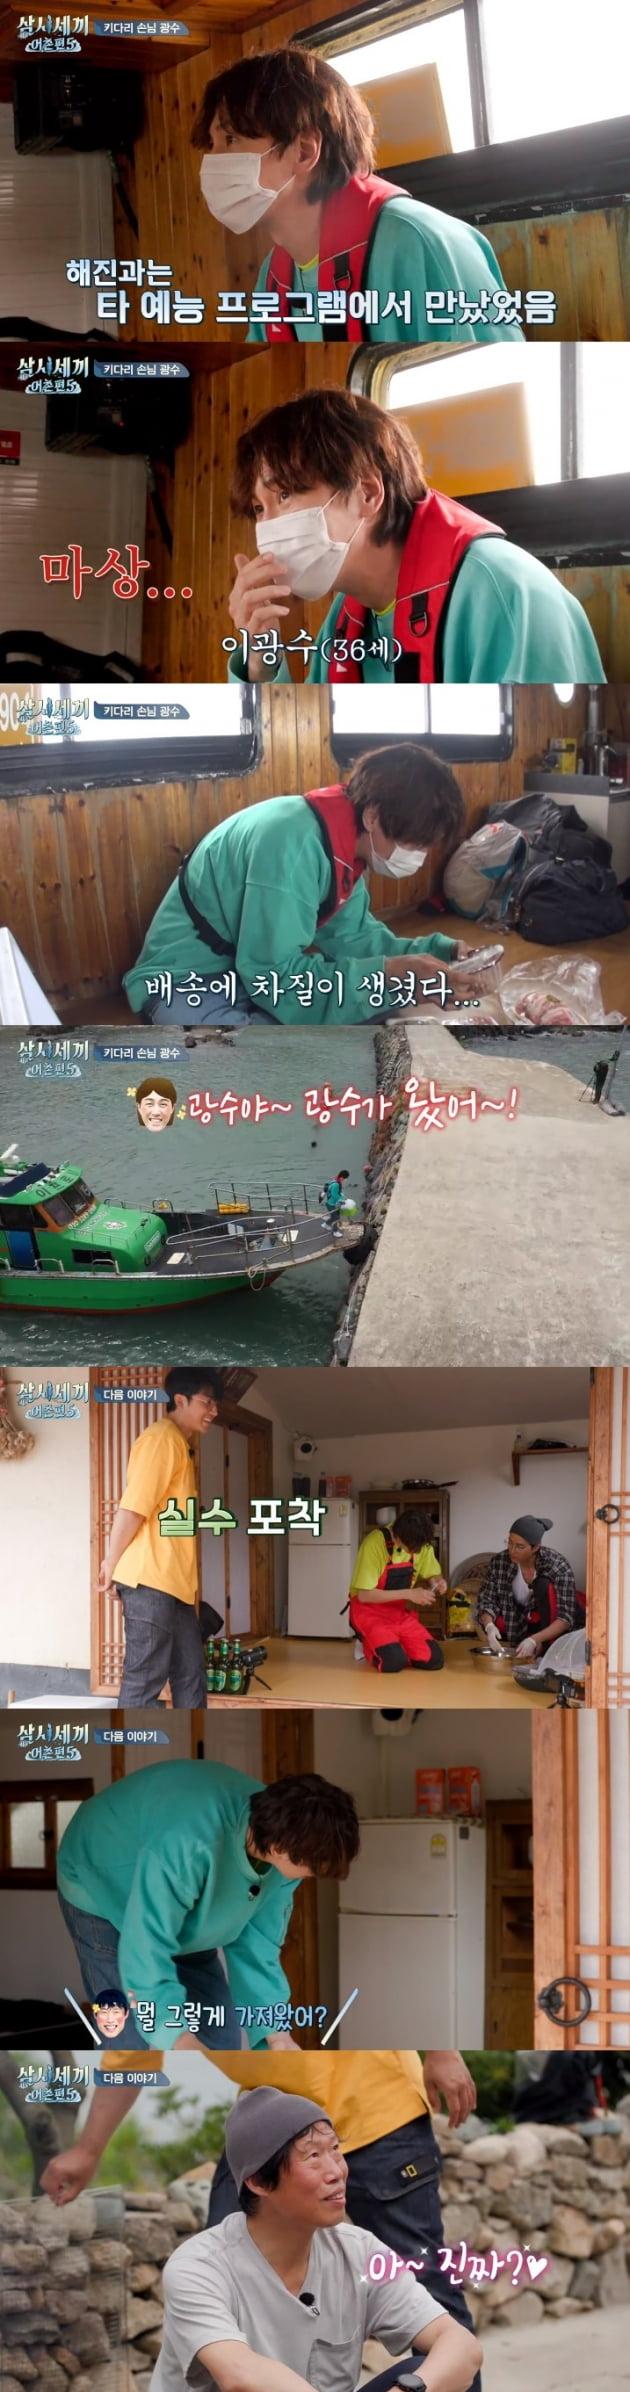 '삼시세끼 어촌편5' 이광수 / 사진 = tvN 영상 캡처